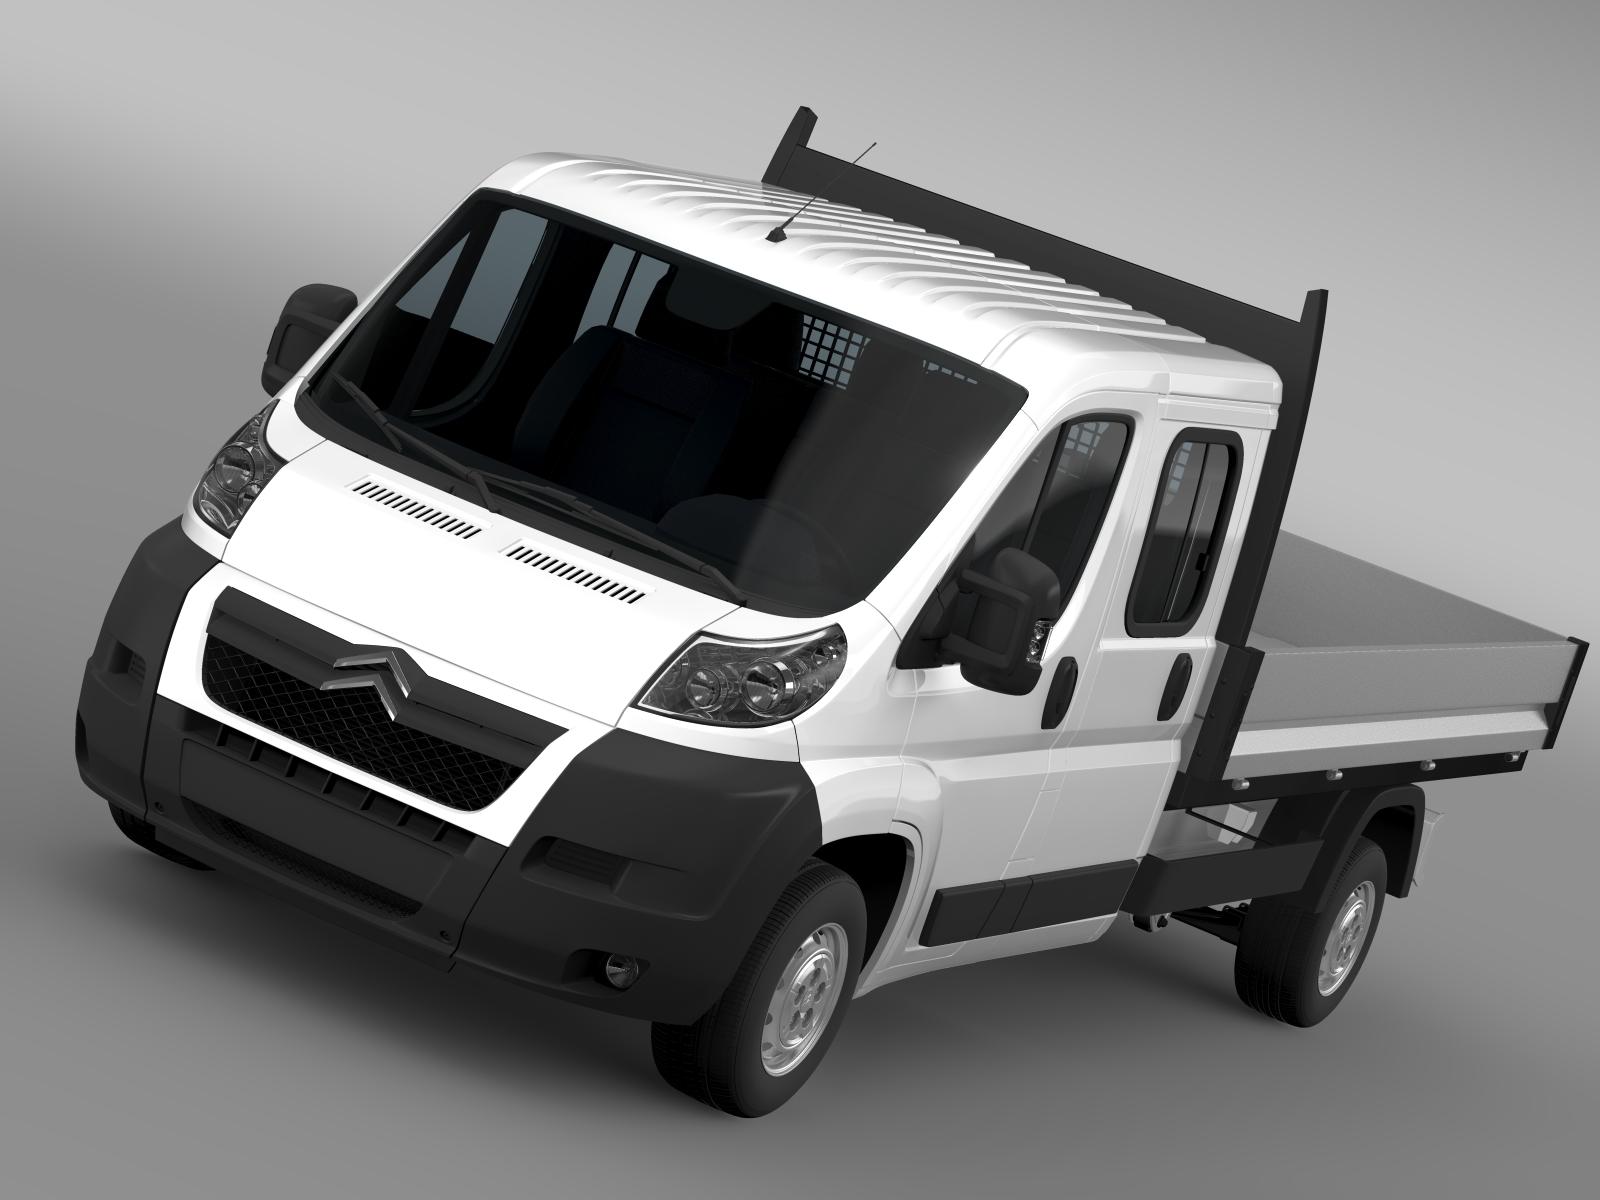 citroen sztafeta załogi ciężarówka 2009-2014 3d model 3ds max fbx c4d lwo ma mb hrc xsi obj 218682